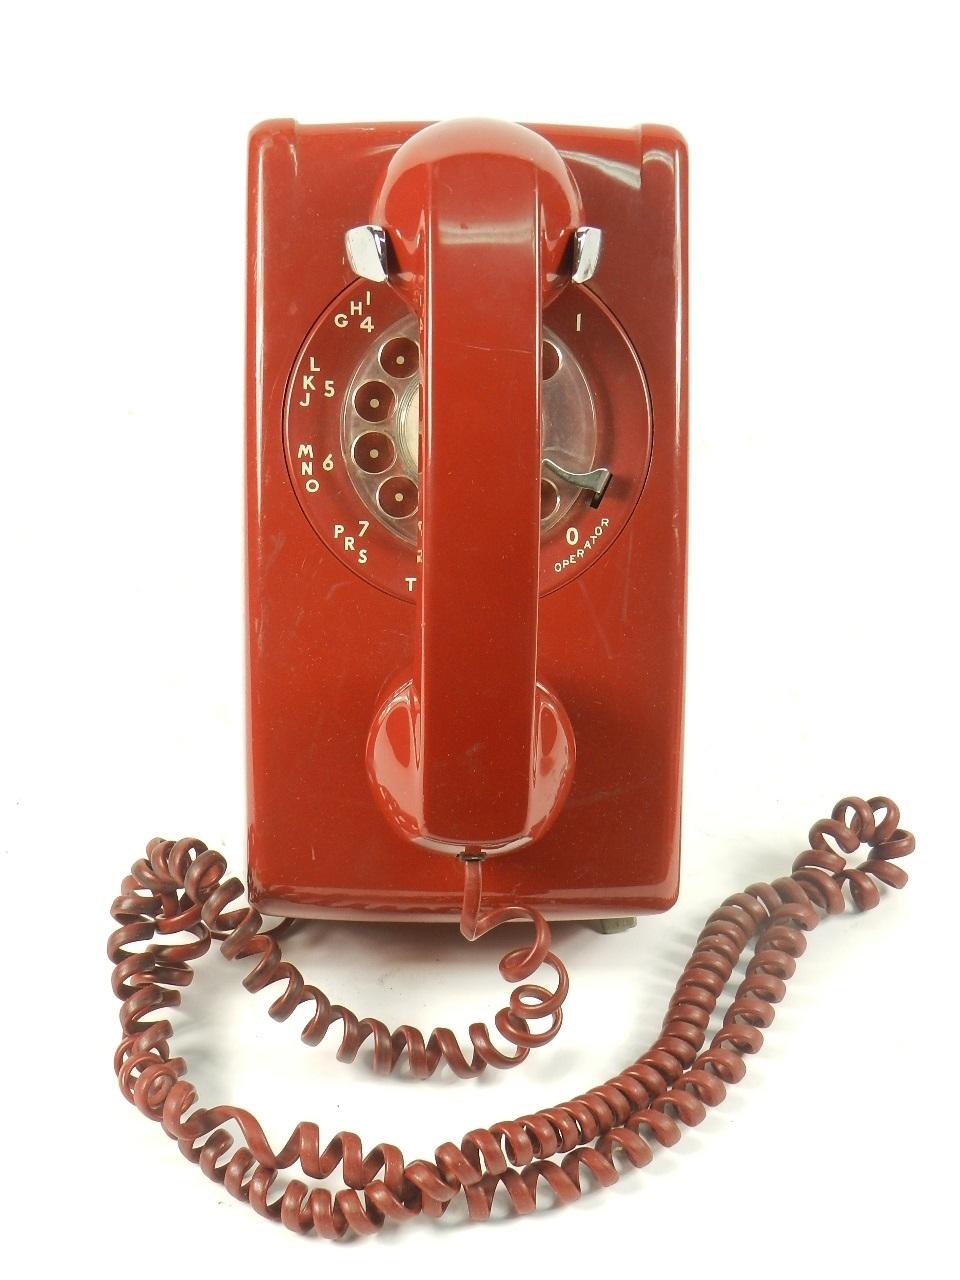 Imagen TELEFONO WESTERN ELECTRIC AÑO 1960 37651